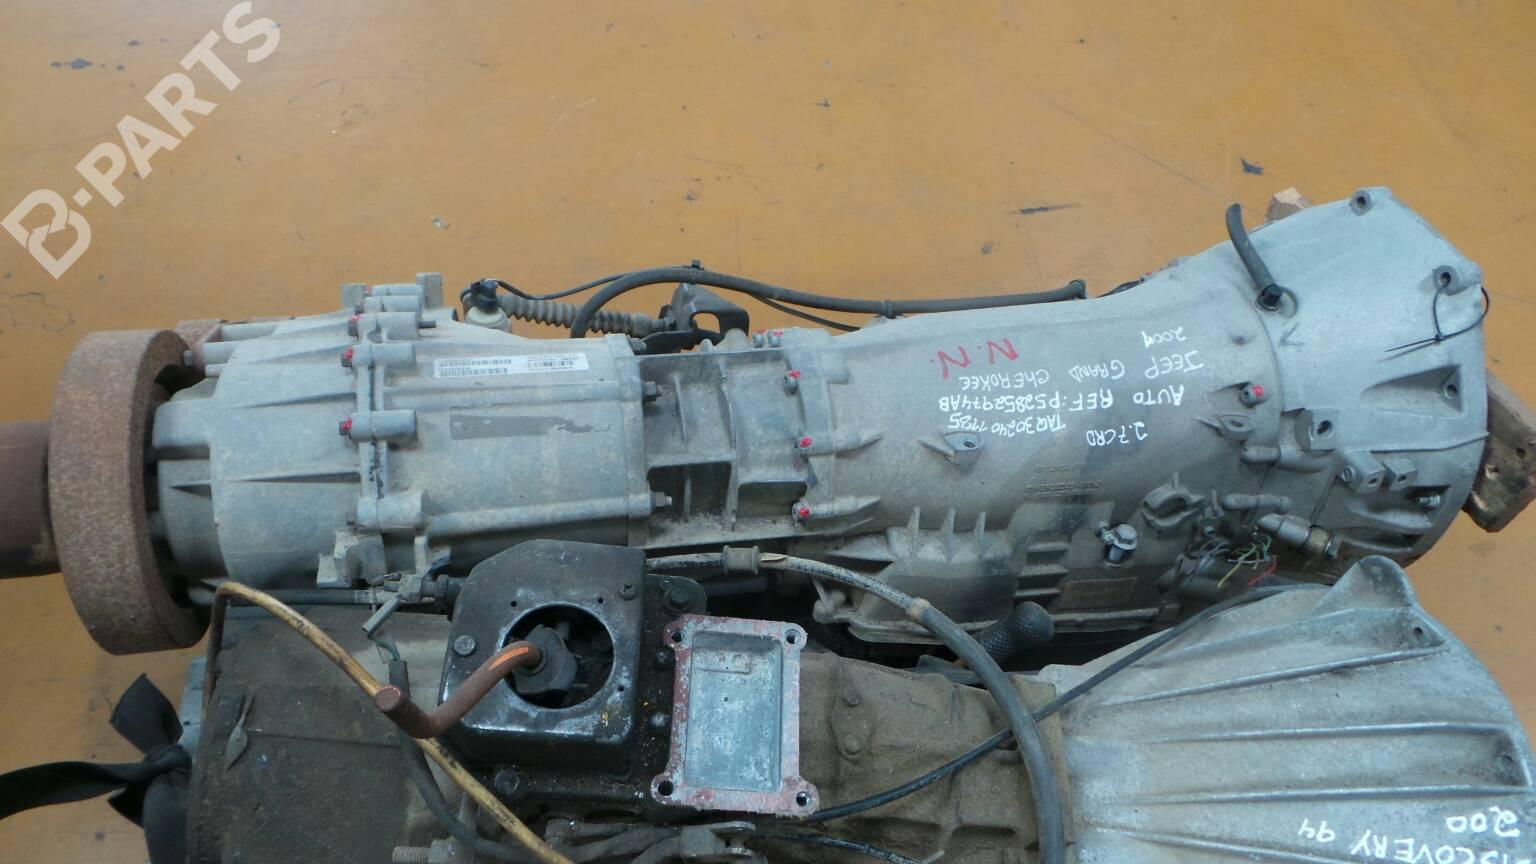 Automatic Gearbox Jeep Grand Cherokee Ii Wj Wg 27 Crd 4x4 27949 Fuse Box Taq302401185 P52852974ab